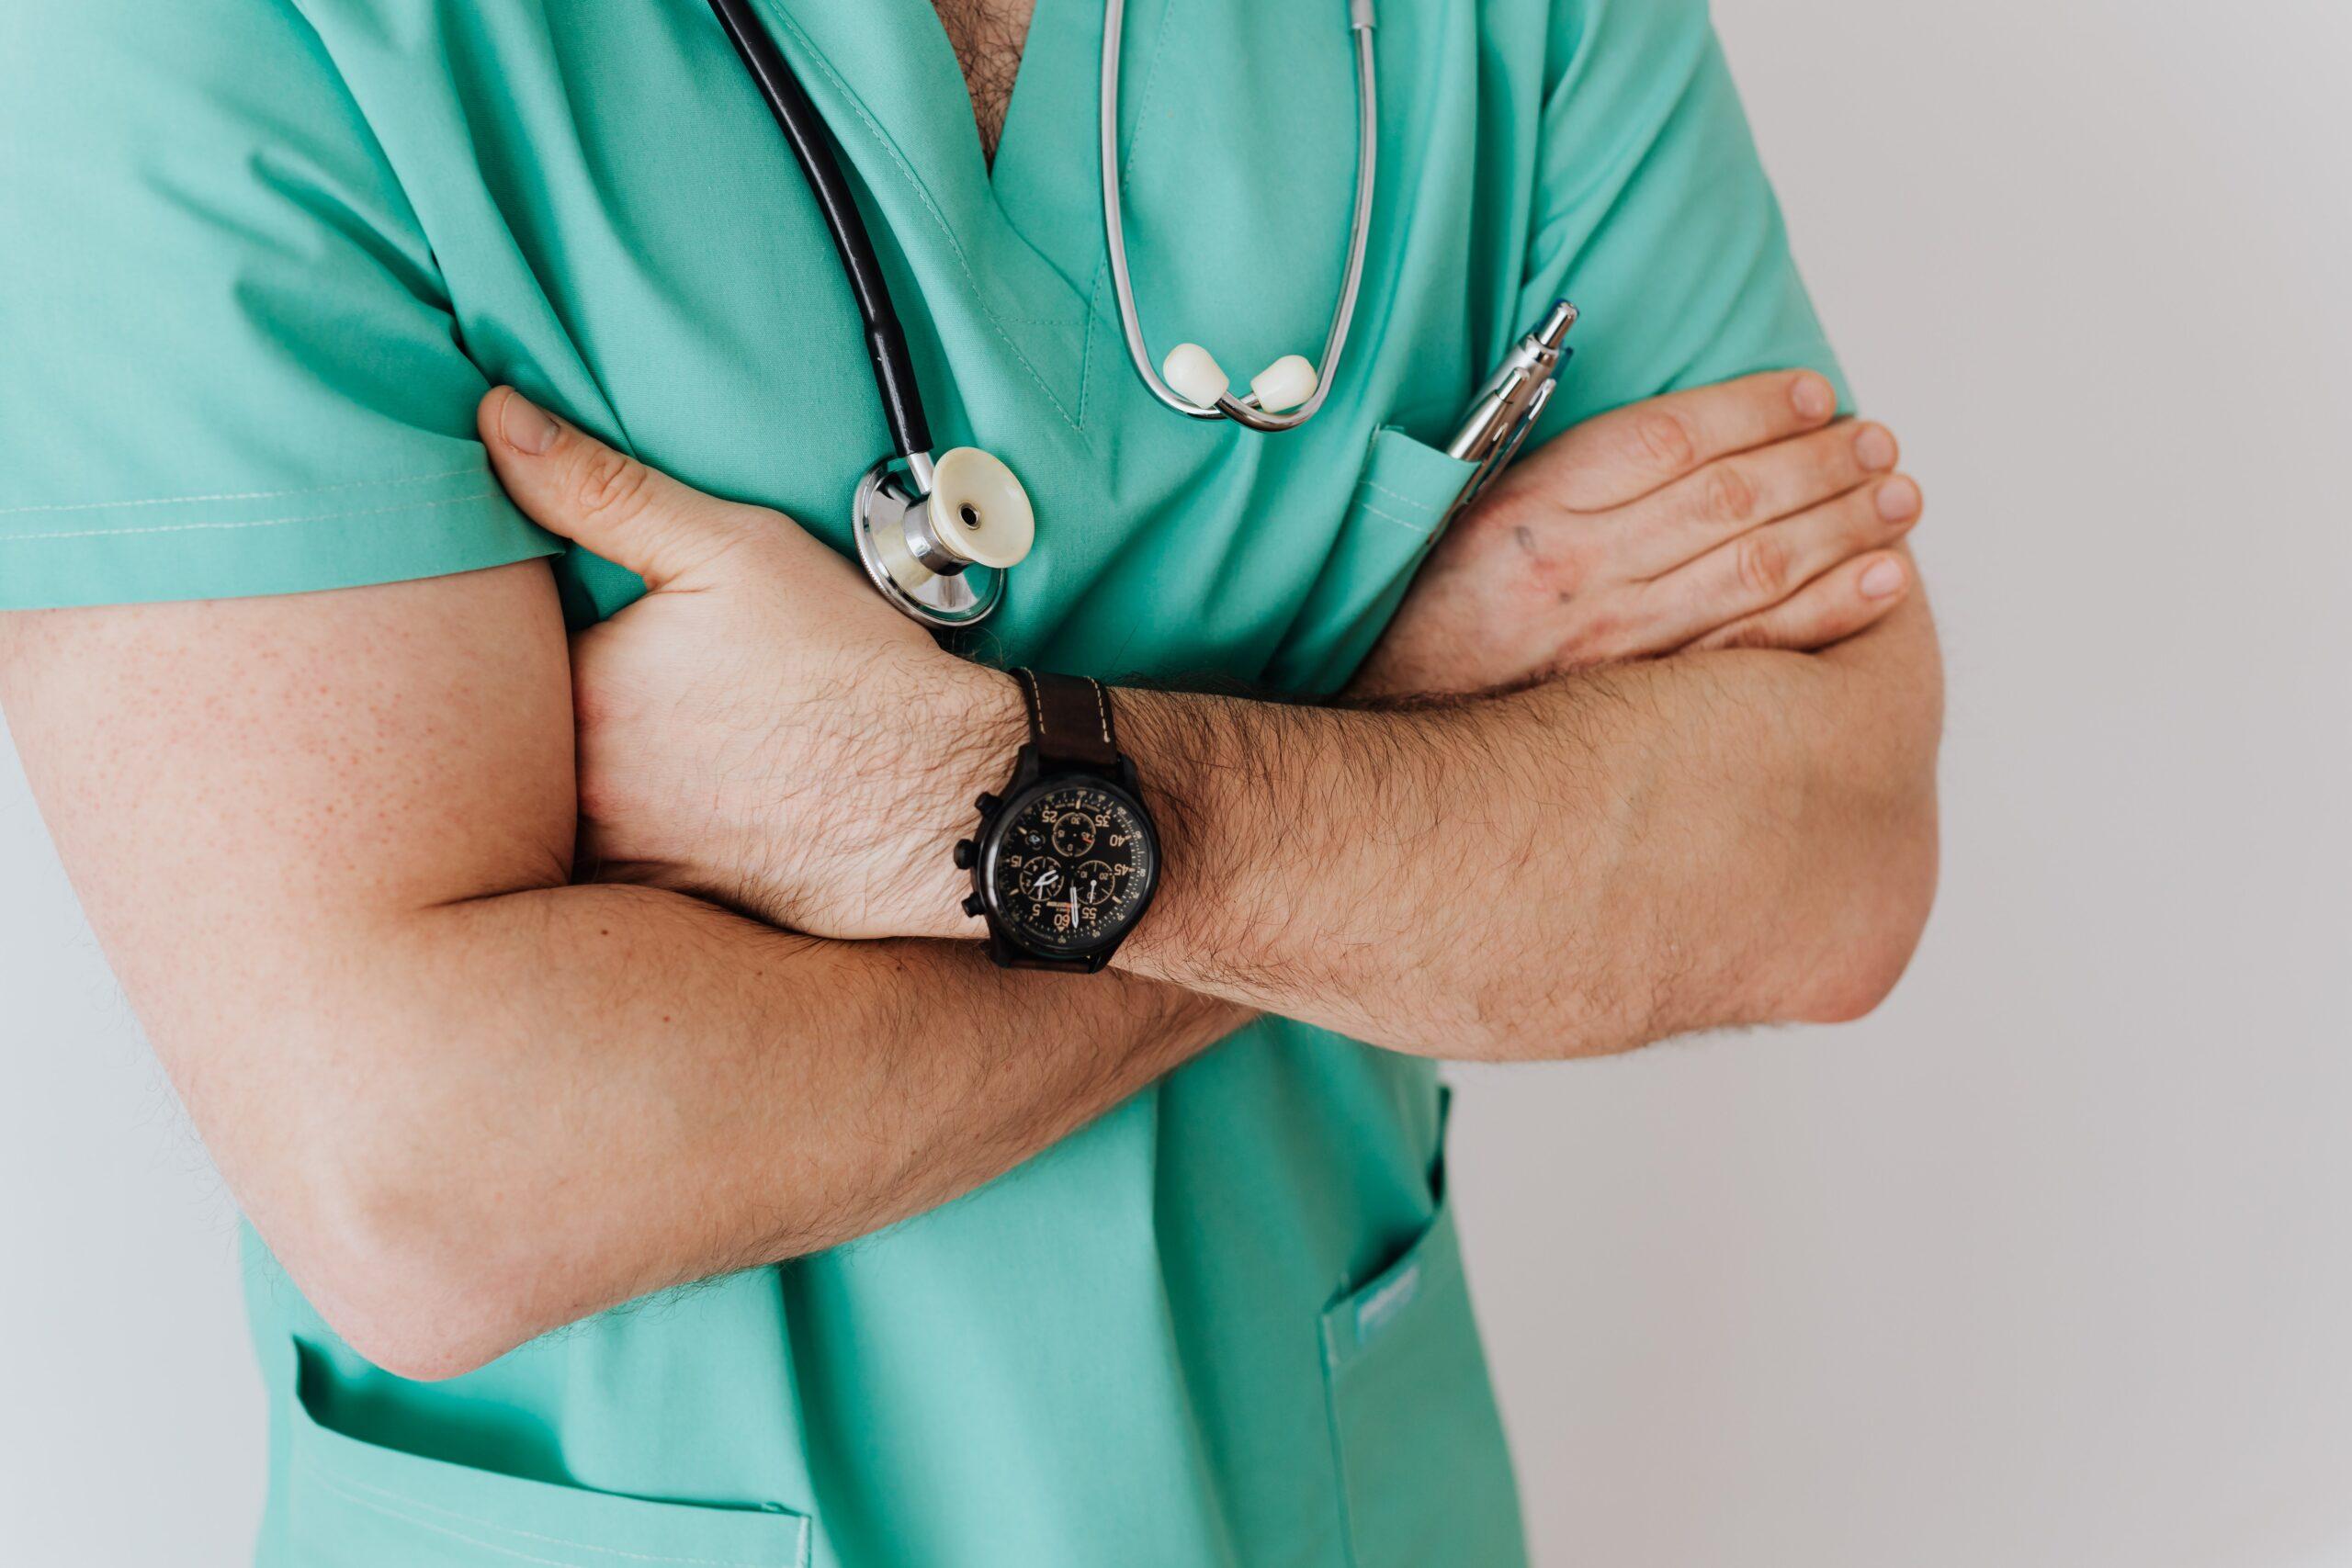 Как оптимизировать контекстную рекламу для медицинских услуг с учетом сезонности